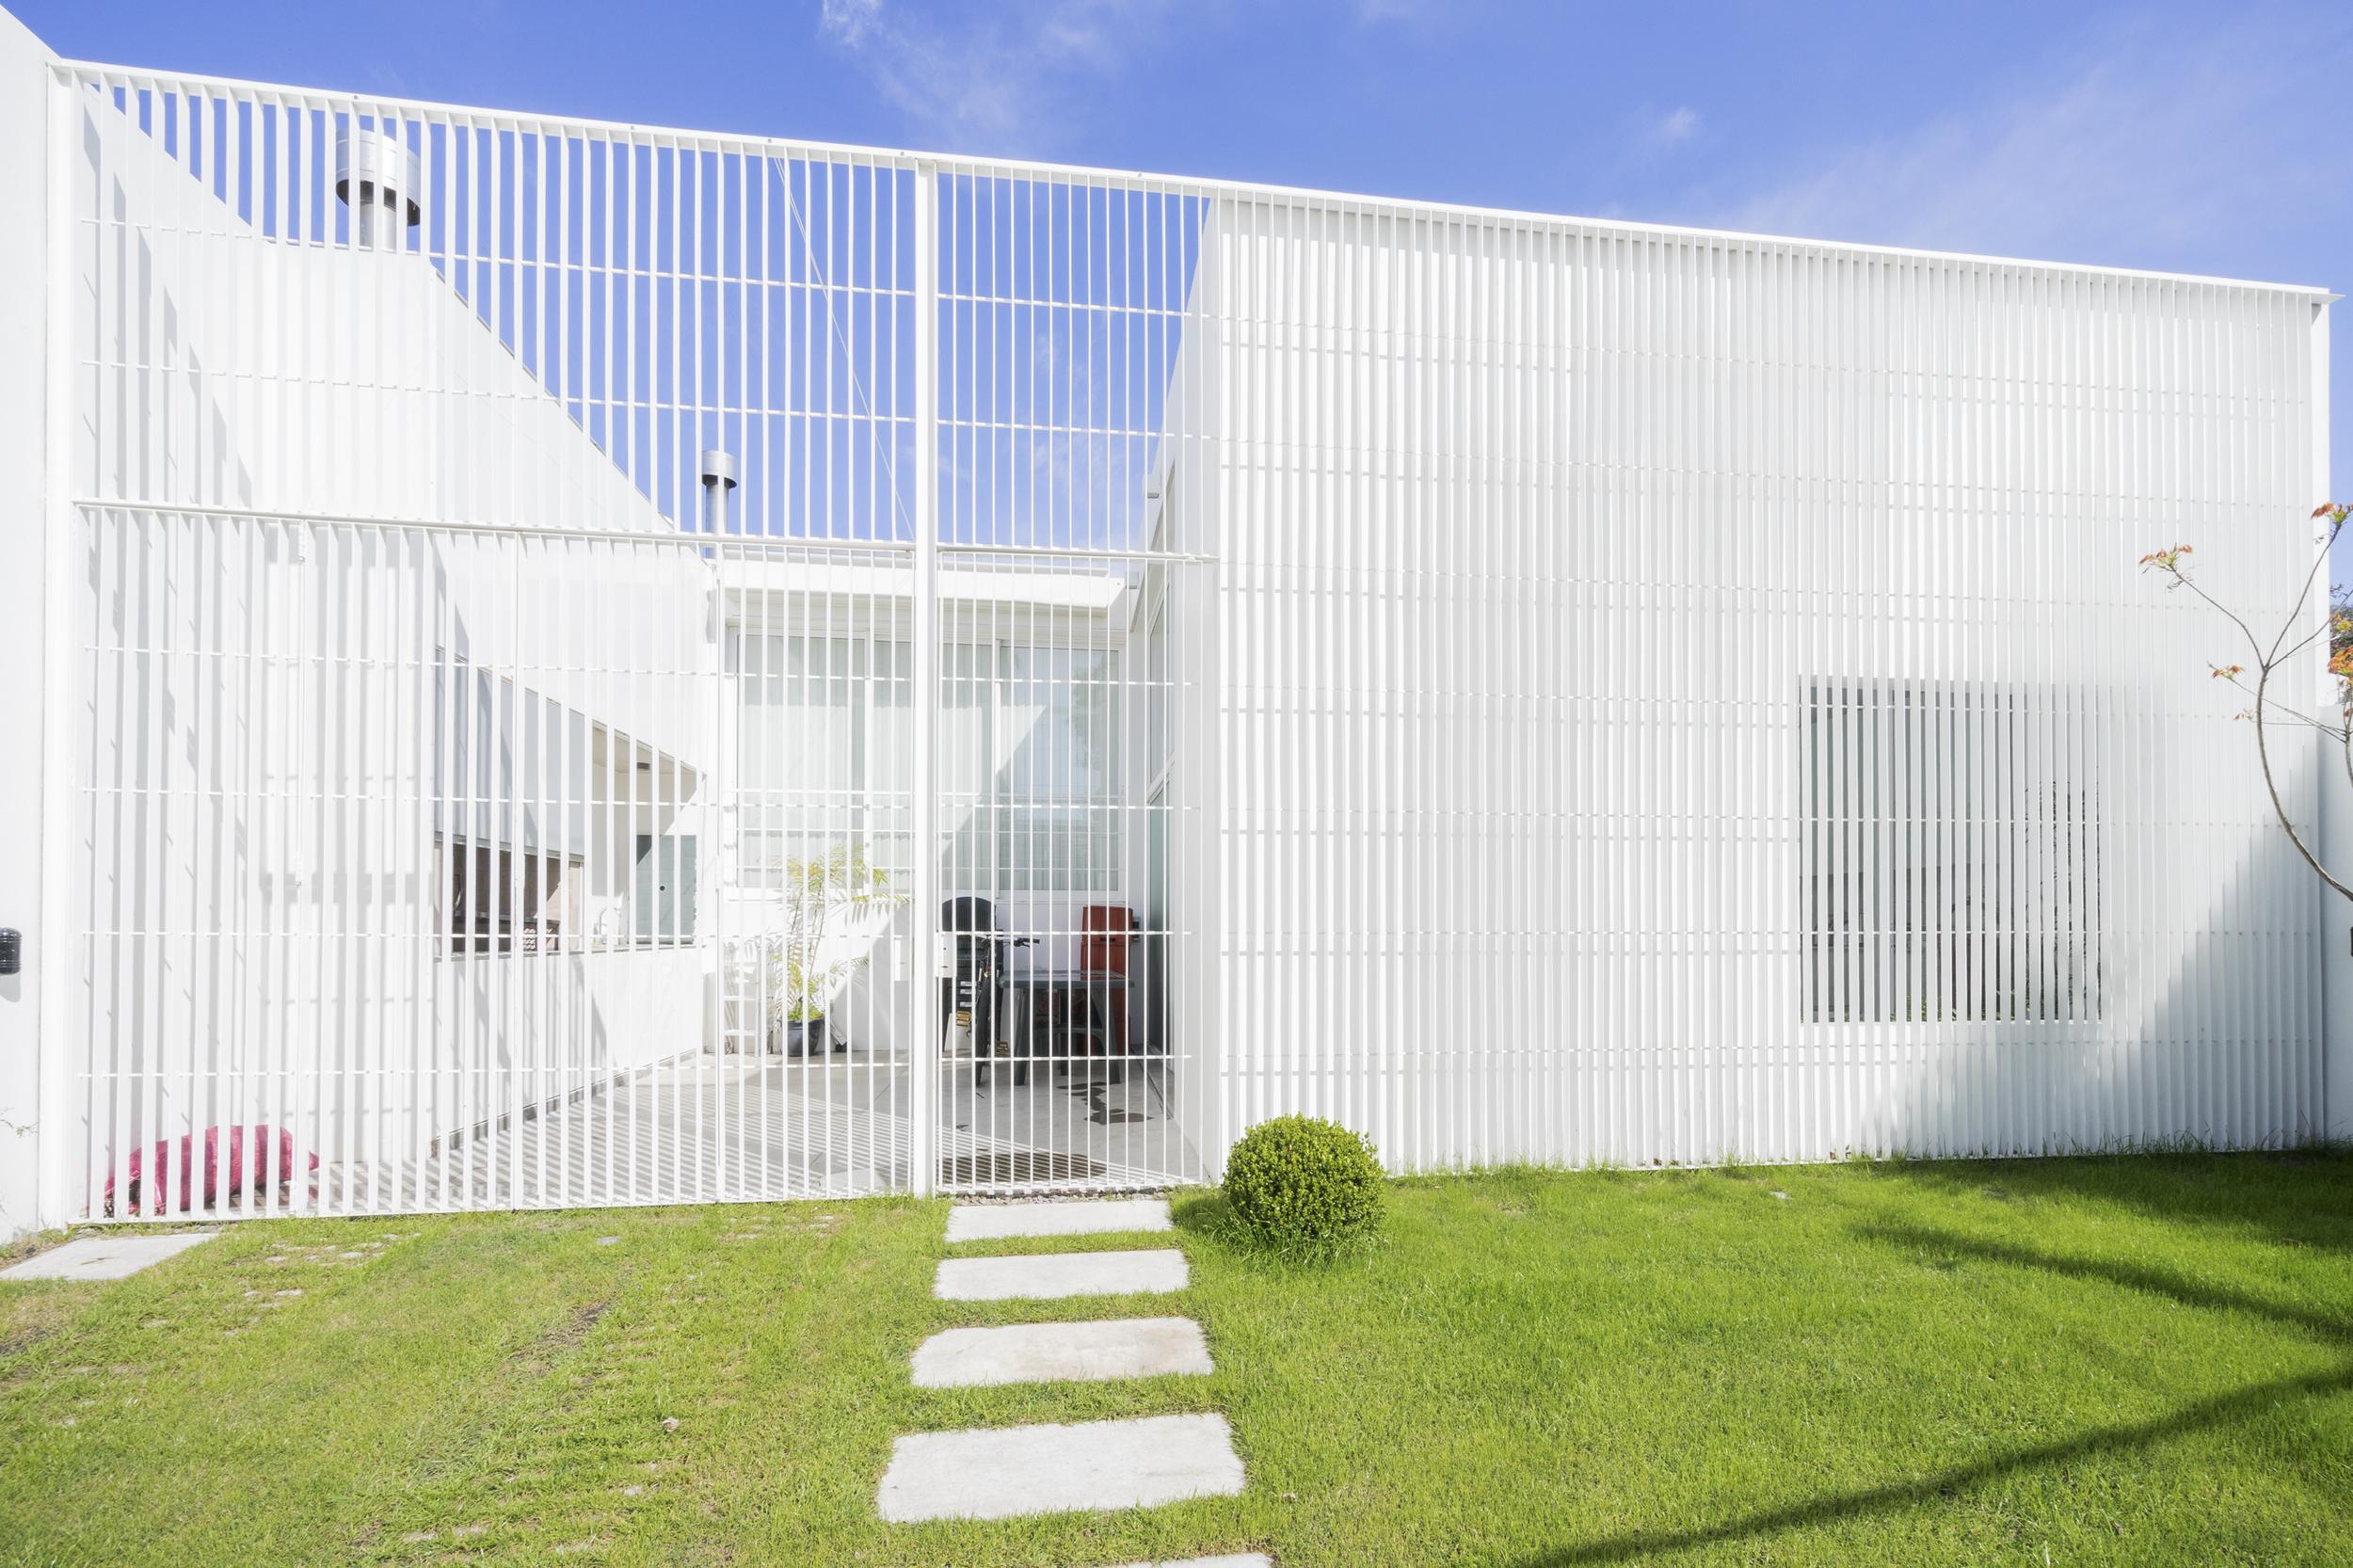 Vivienda Arquitectura Rifa G08, 2013_foto nacho correa_DSC5673.jpg